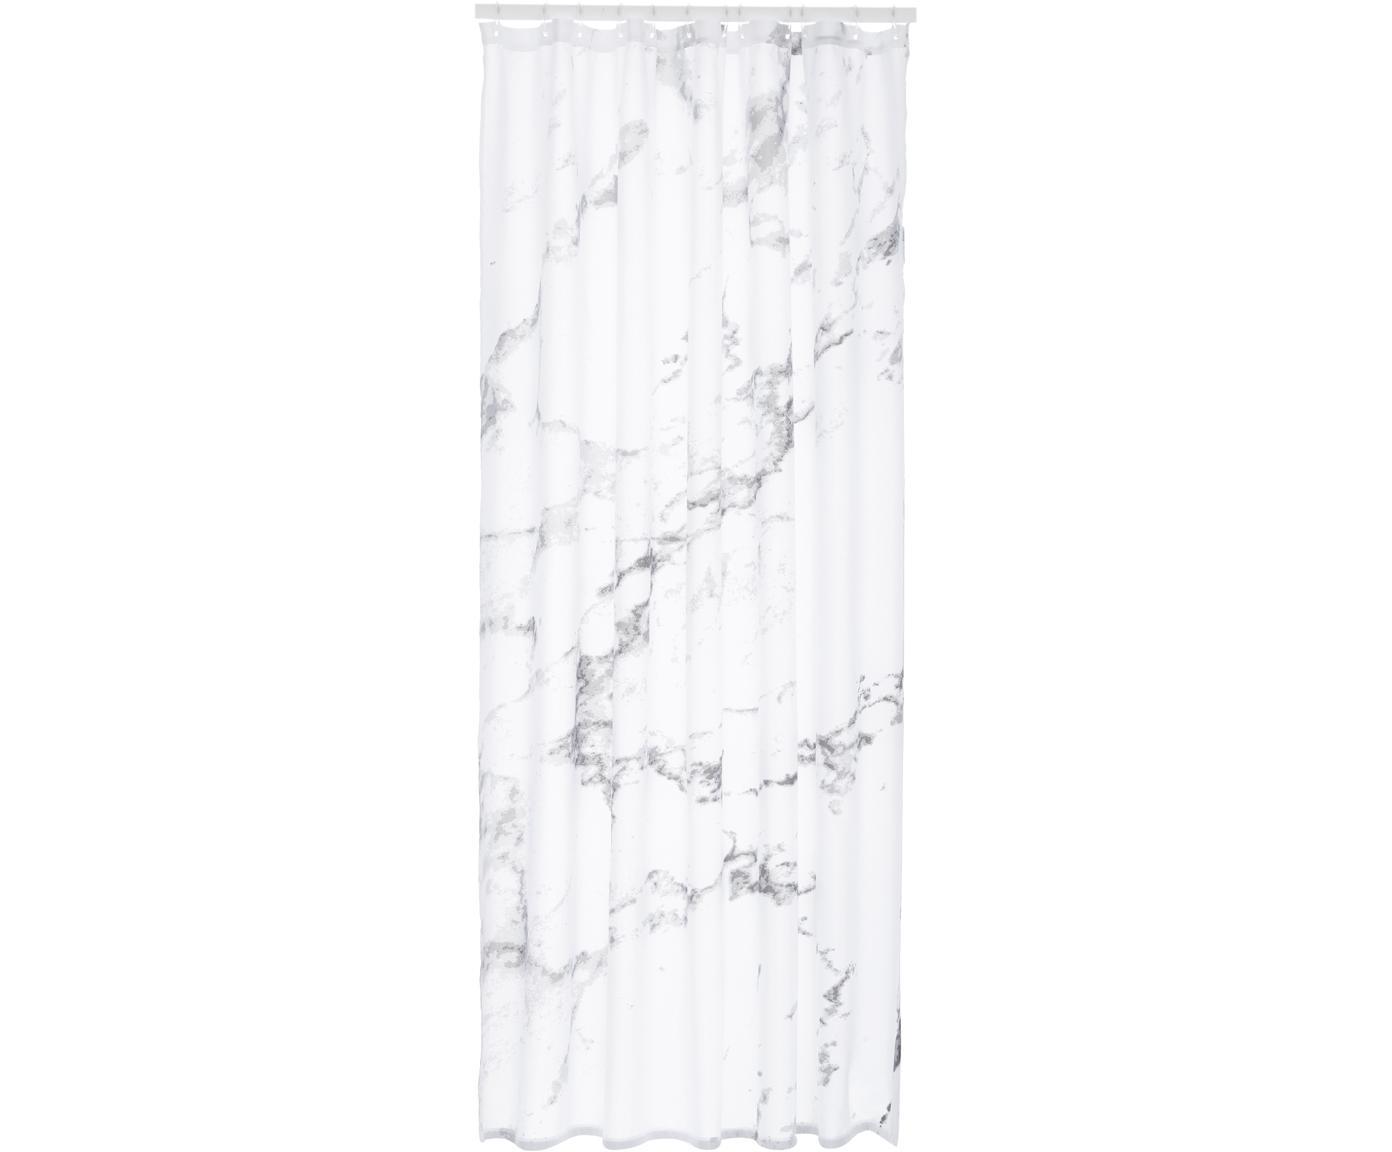 Zasłona prysznicowa Marble, Poliester, Antracytowy, biały, S 180 x D 200 cm